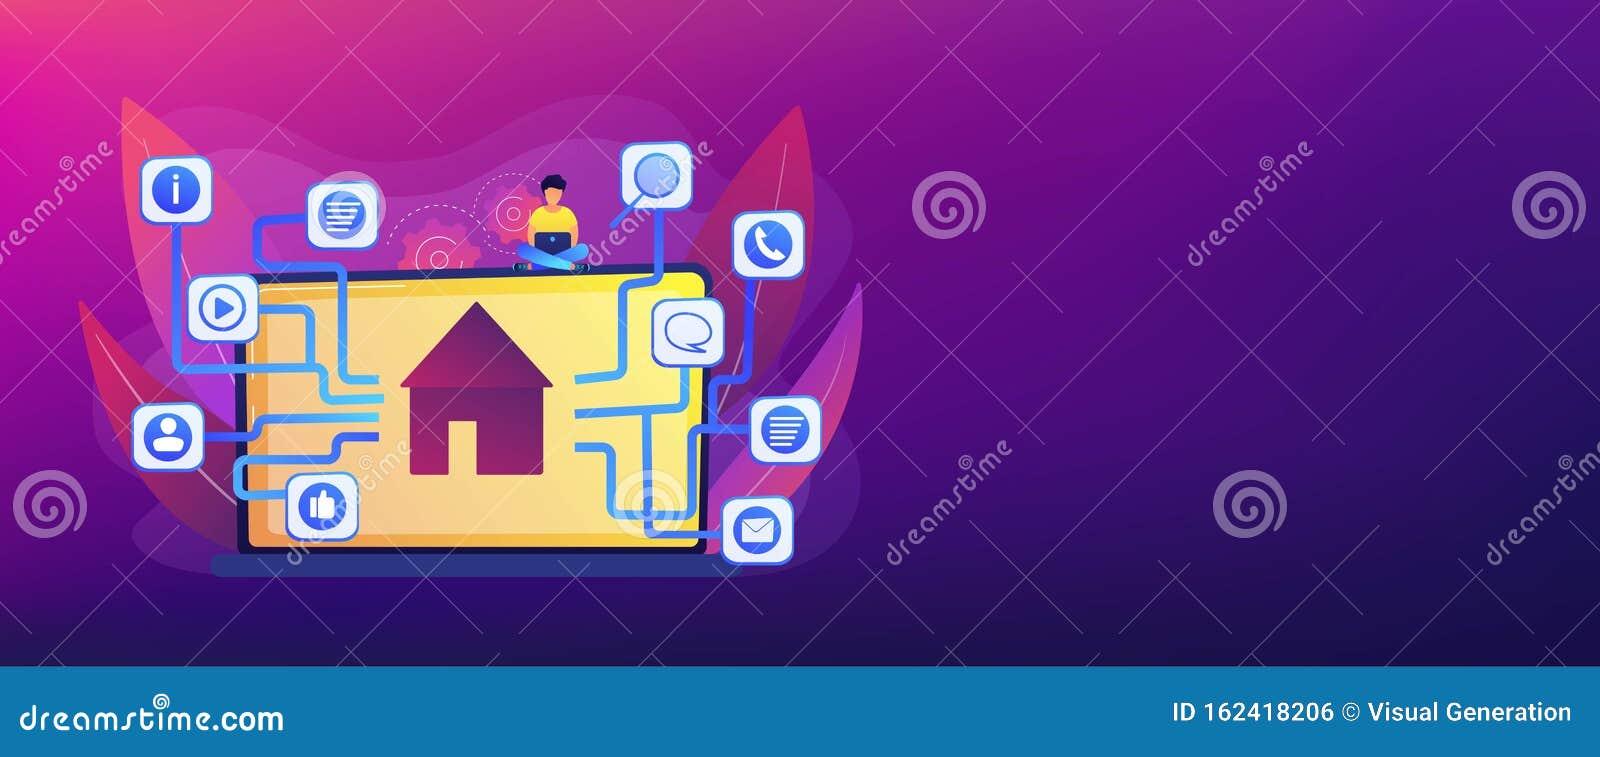 Sitemap creation concept banner header